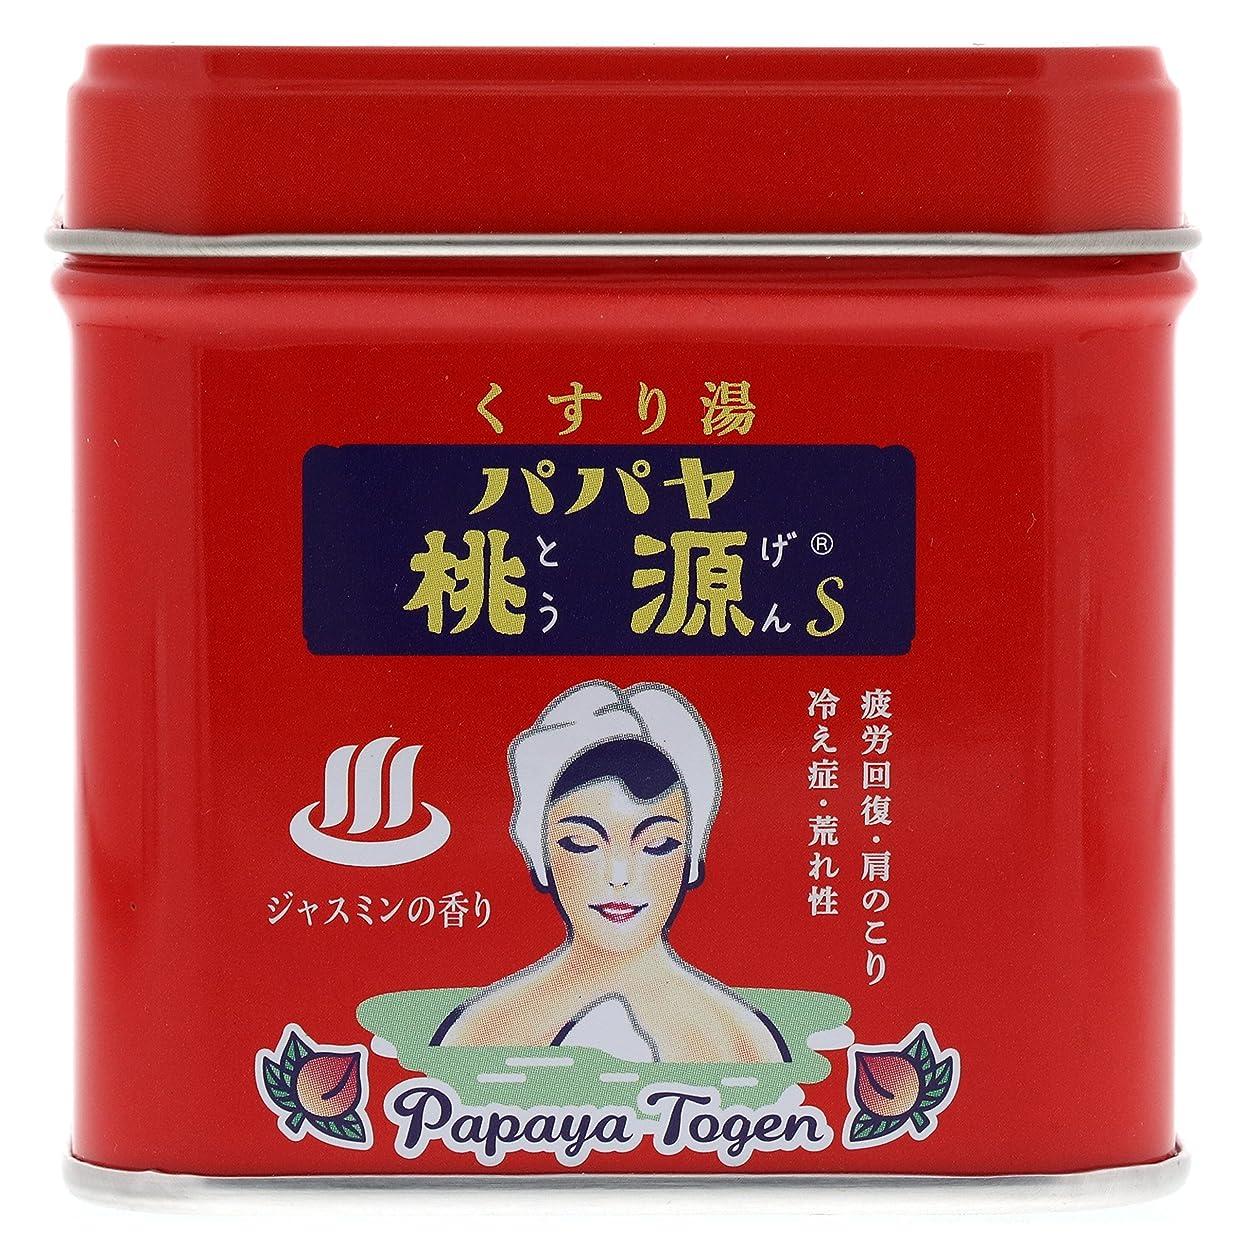 自己尊重比較的ありがたいパパヤ桃源S70g缶 ジャスミンの香り [医薬部外品]